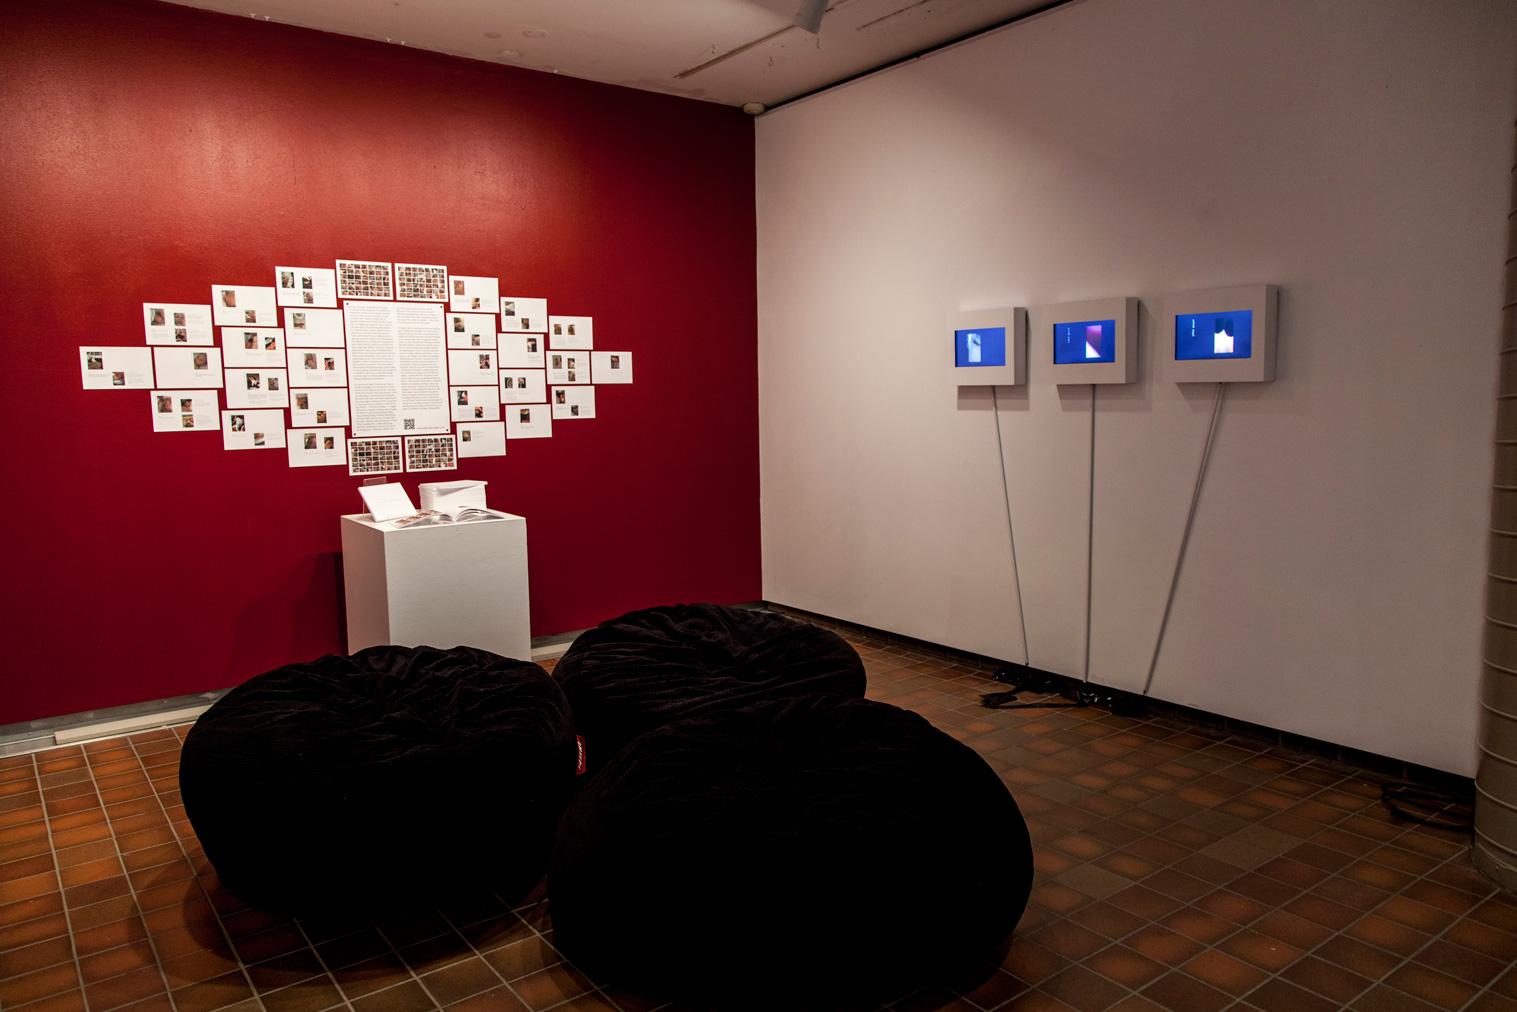 Curatorial_Room_04.jpg